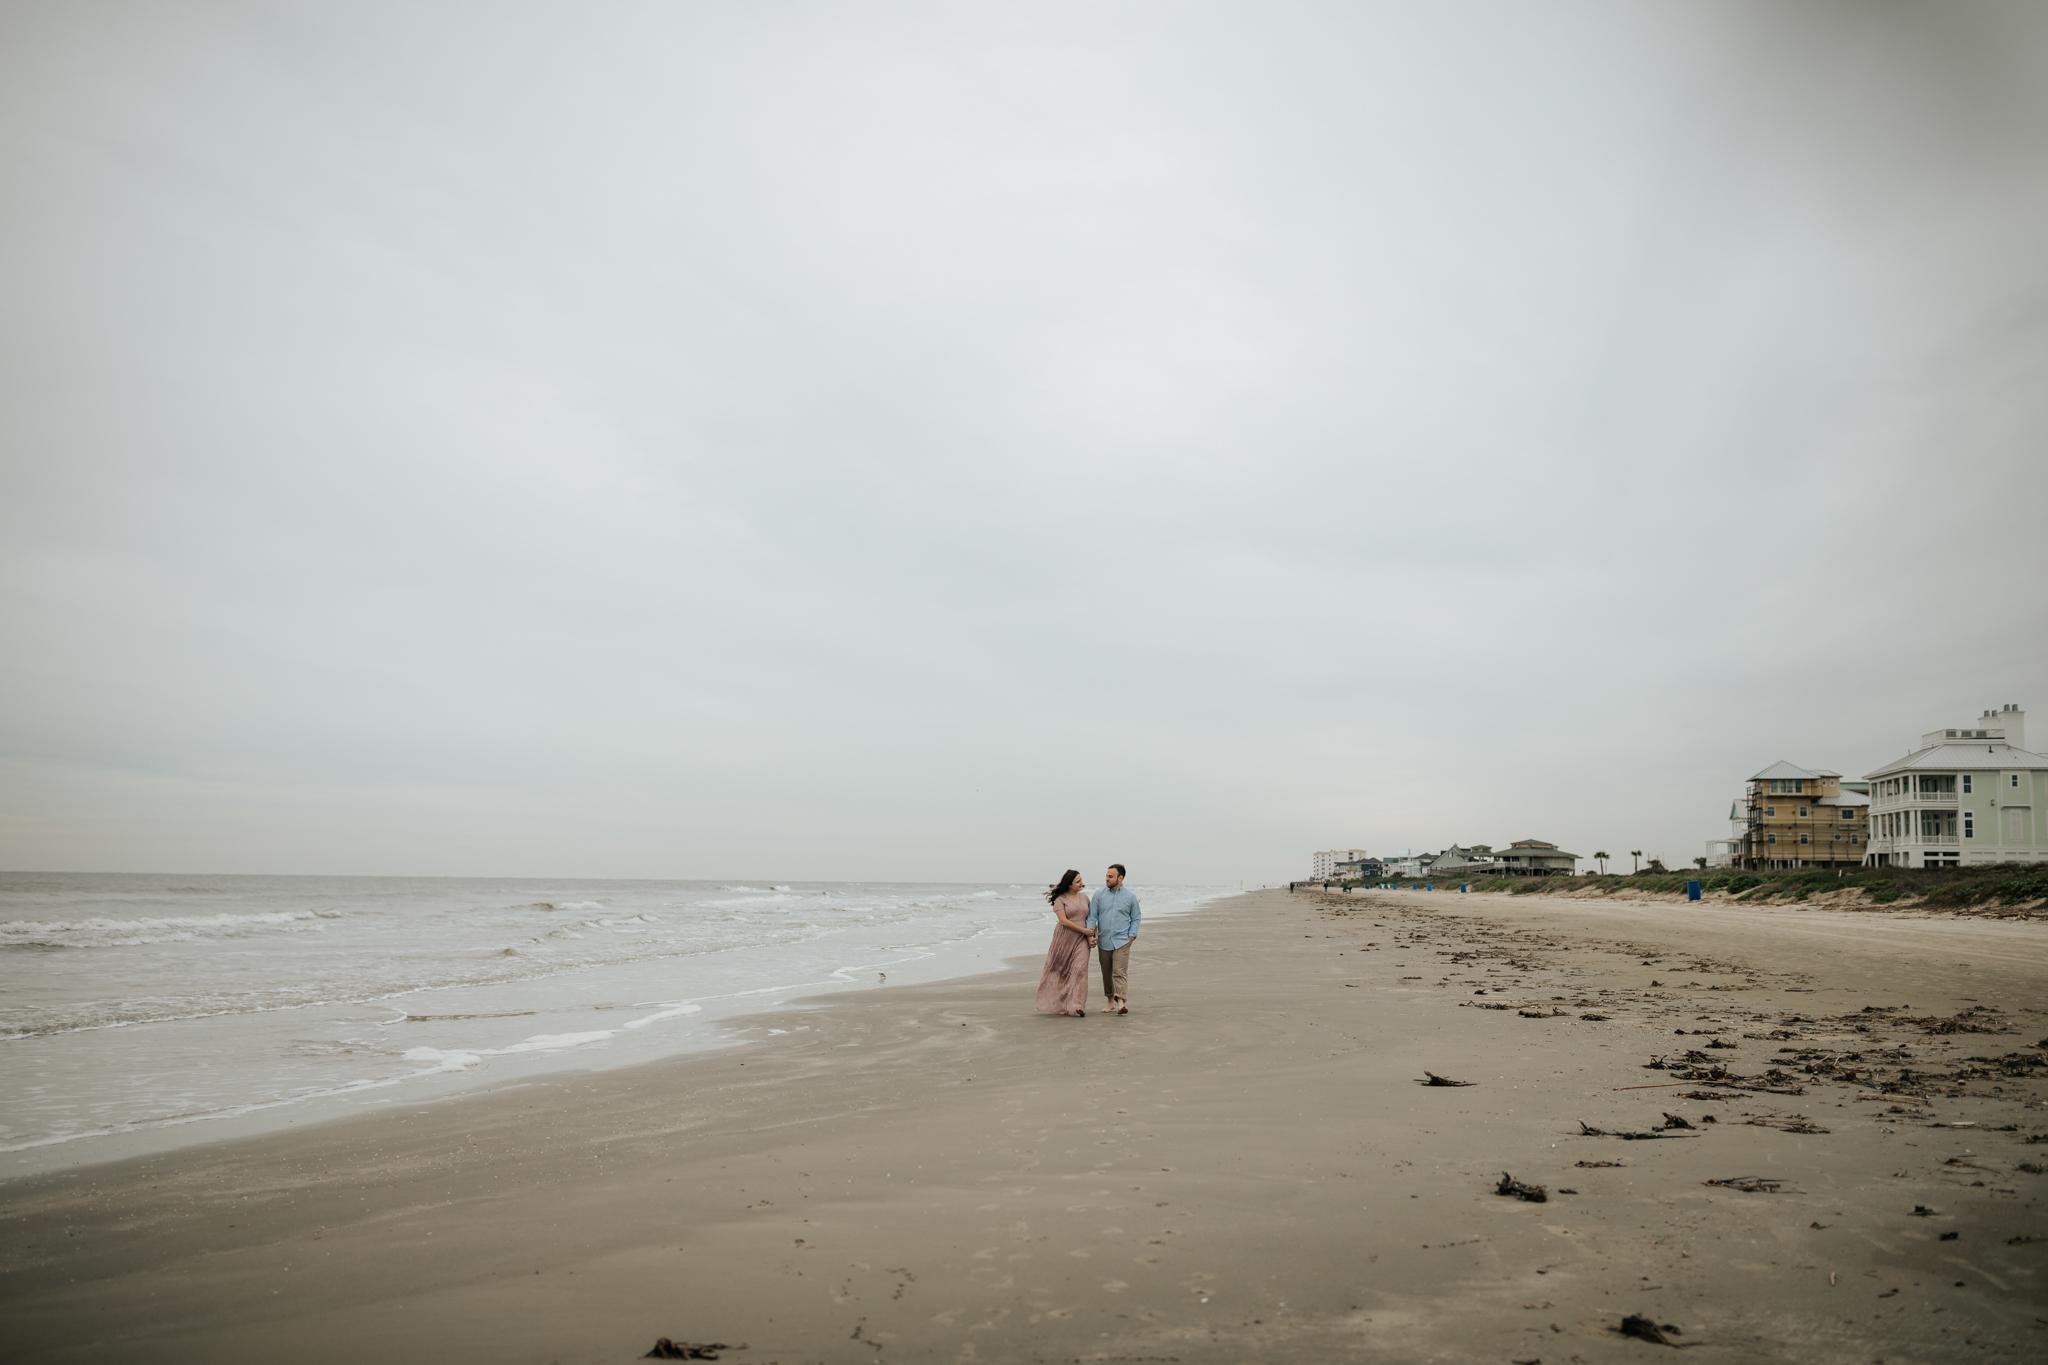 Leah Nicole Photography - Houston Wedding Photographer-Galveston Engagement Session- Houston Wedding Photographer -Kristen Giles Photography-8.jpg